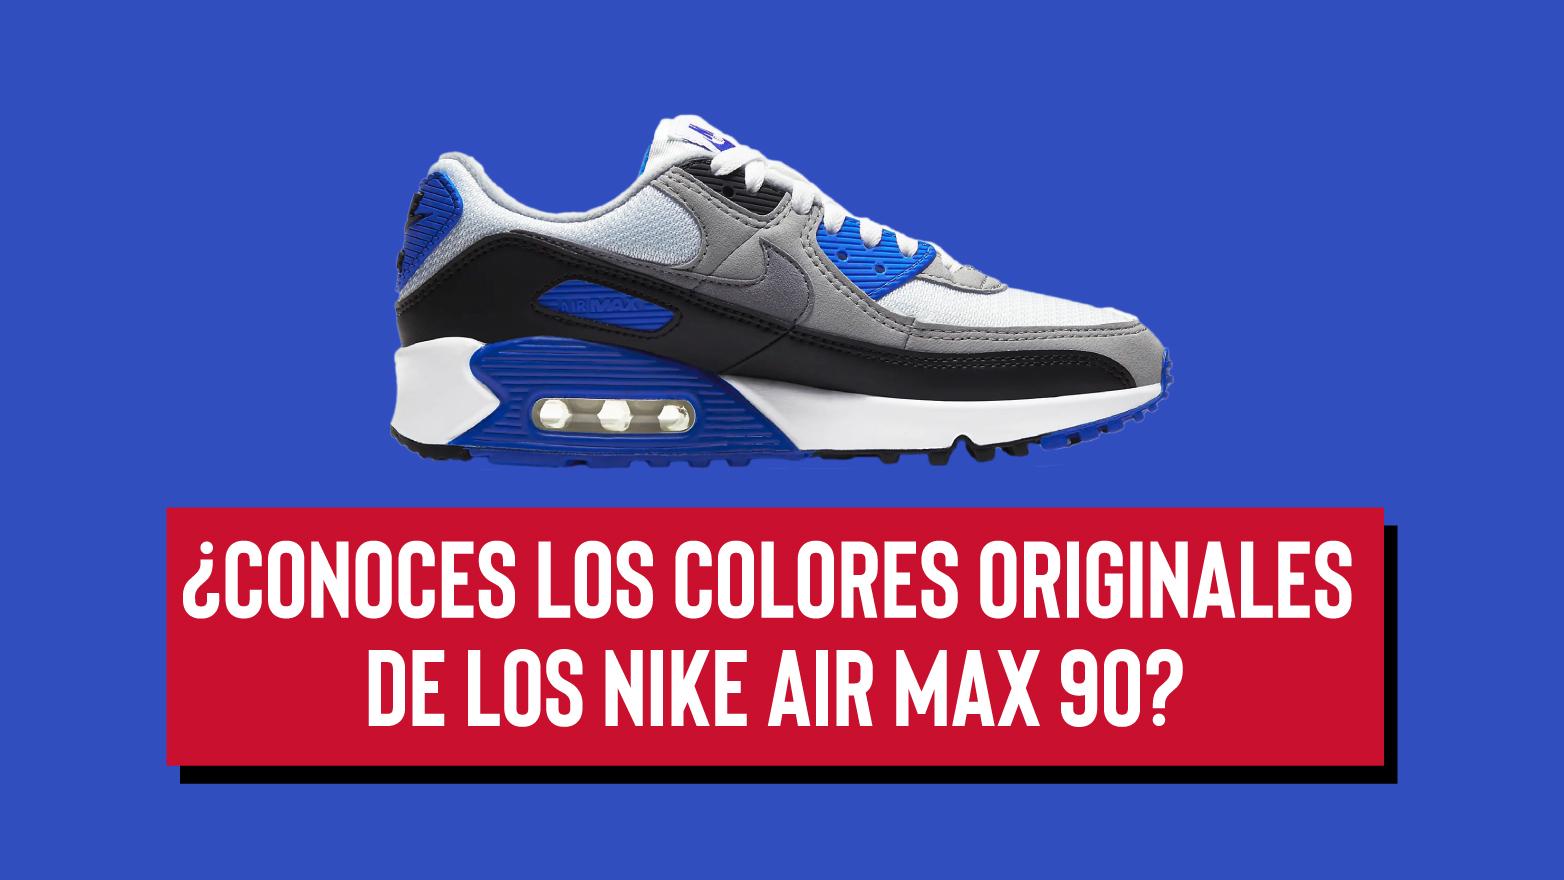 La historia detrás del Nike Air Max 90